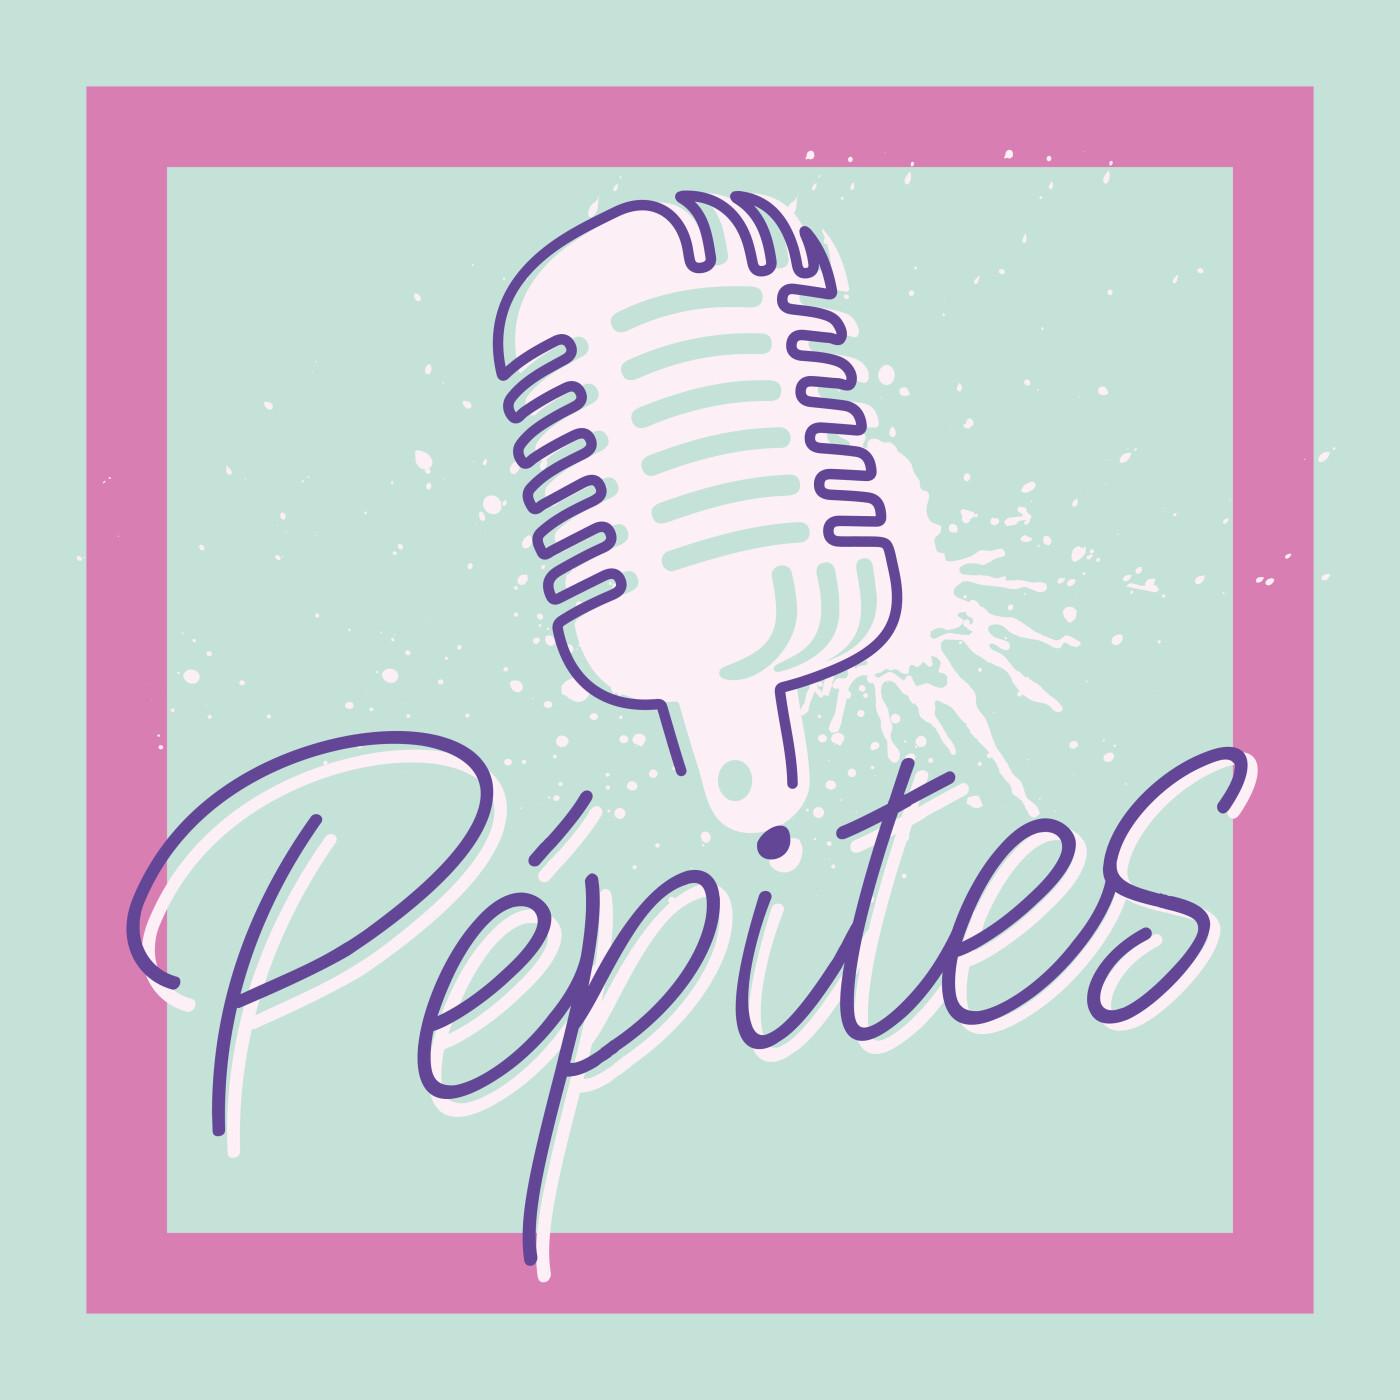 Pépites - Ep 10 Les influenceurs truck life